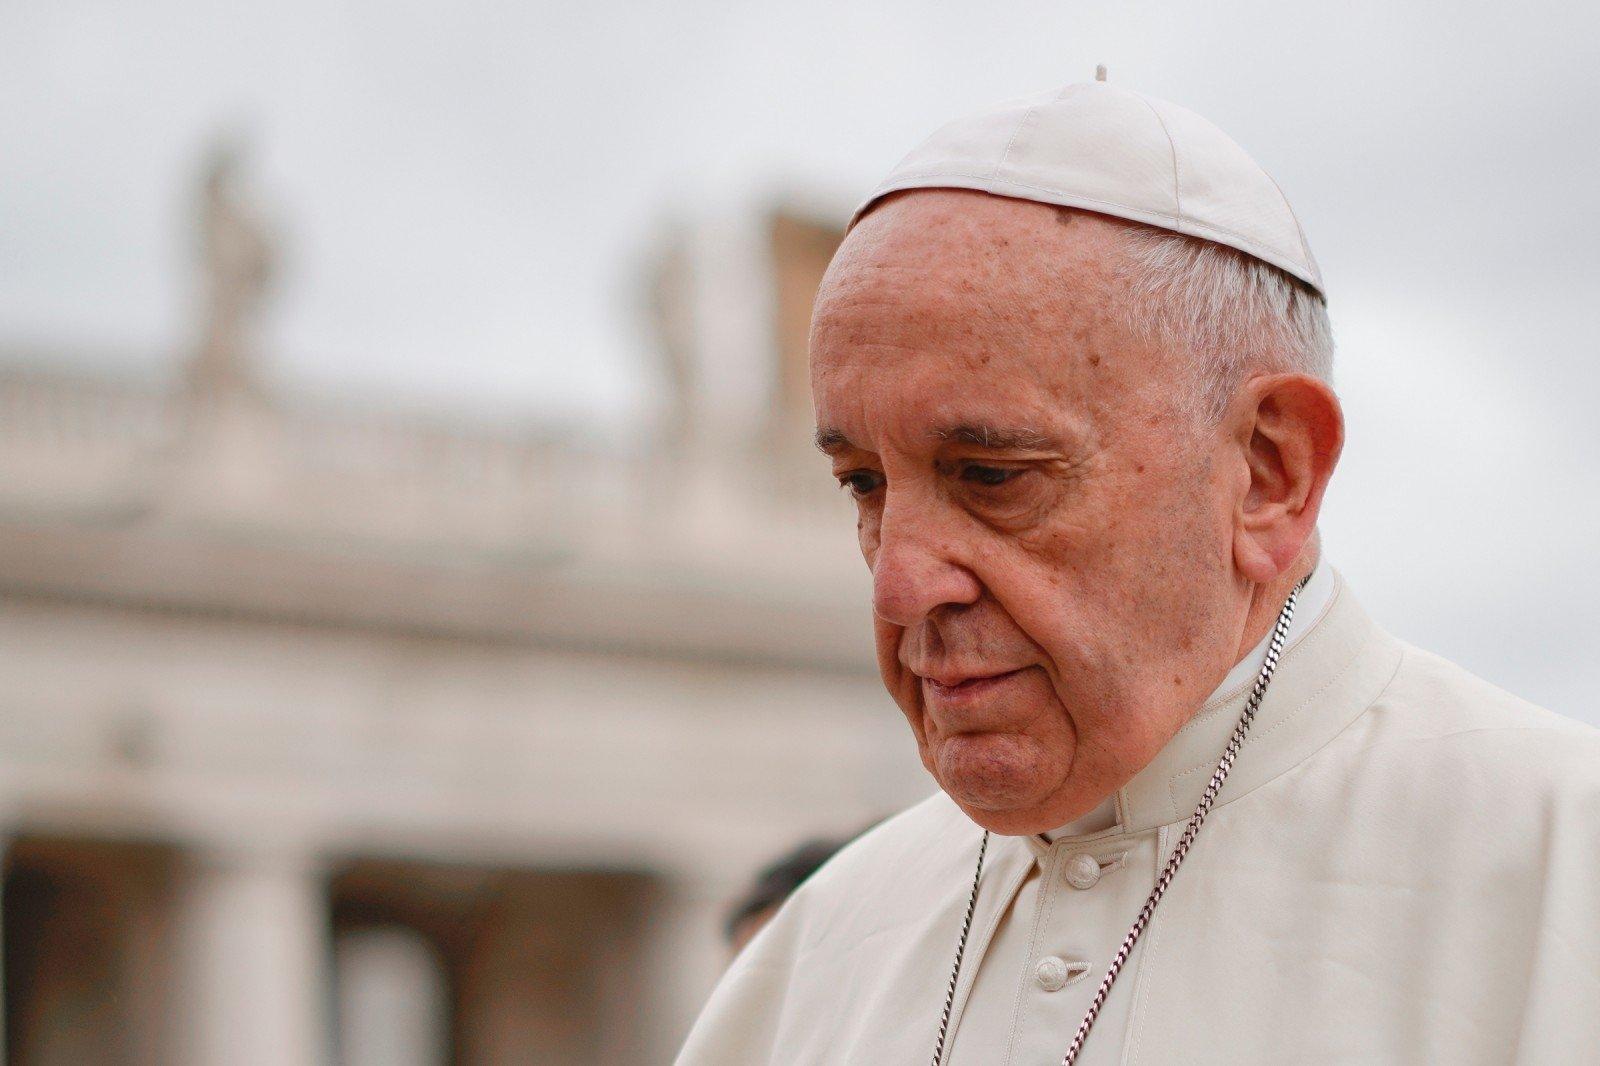 Визит Папы Римского в Литву обойдется балтийскому государству предварительно в 1,75 млн евро